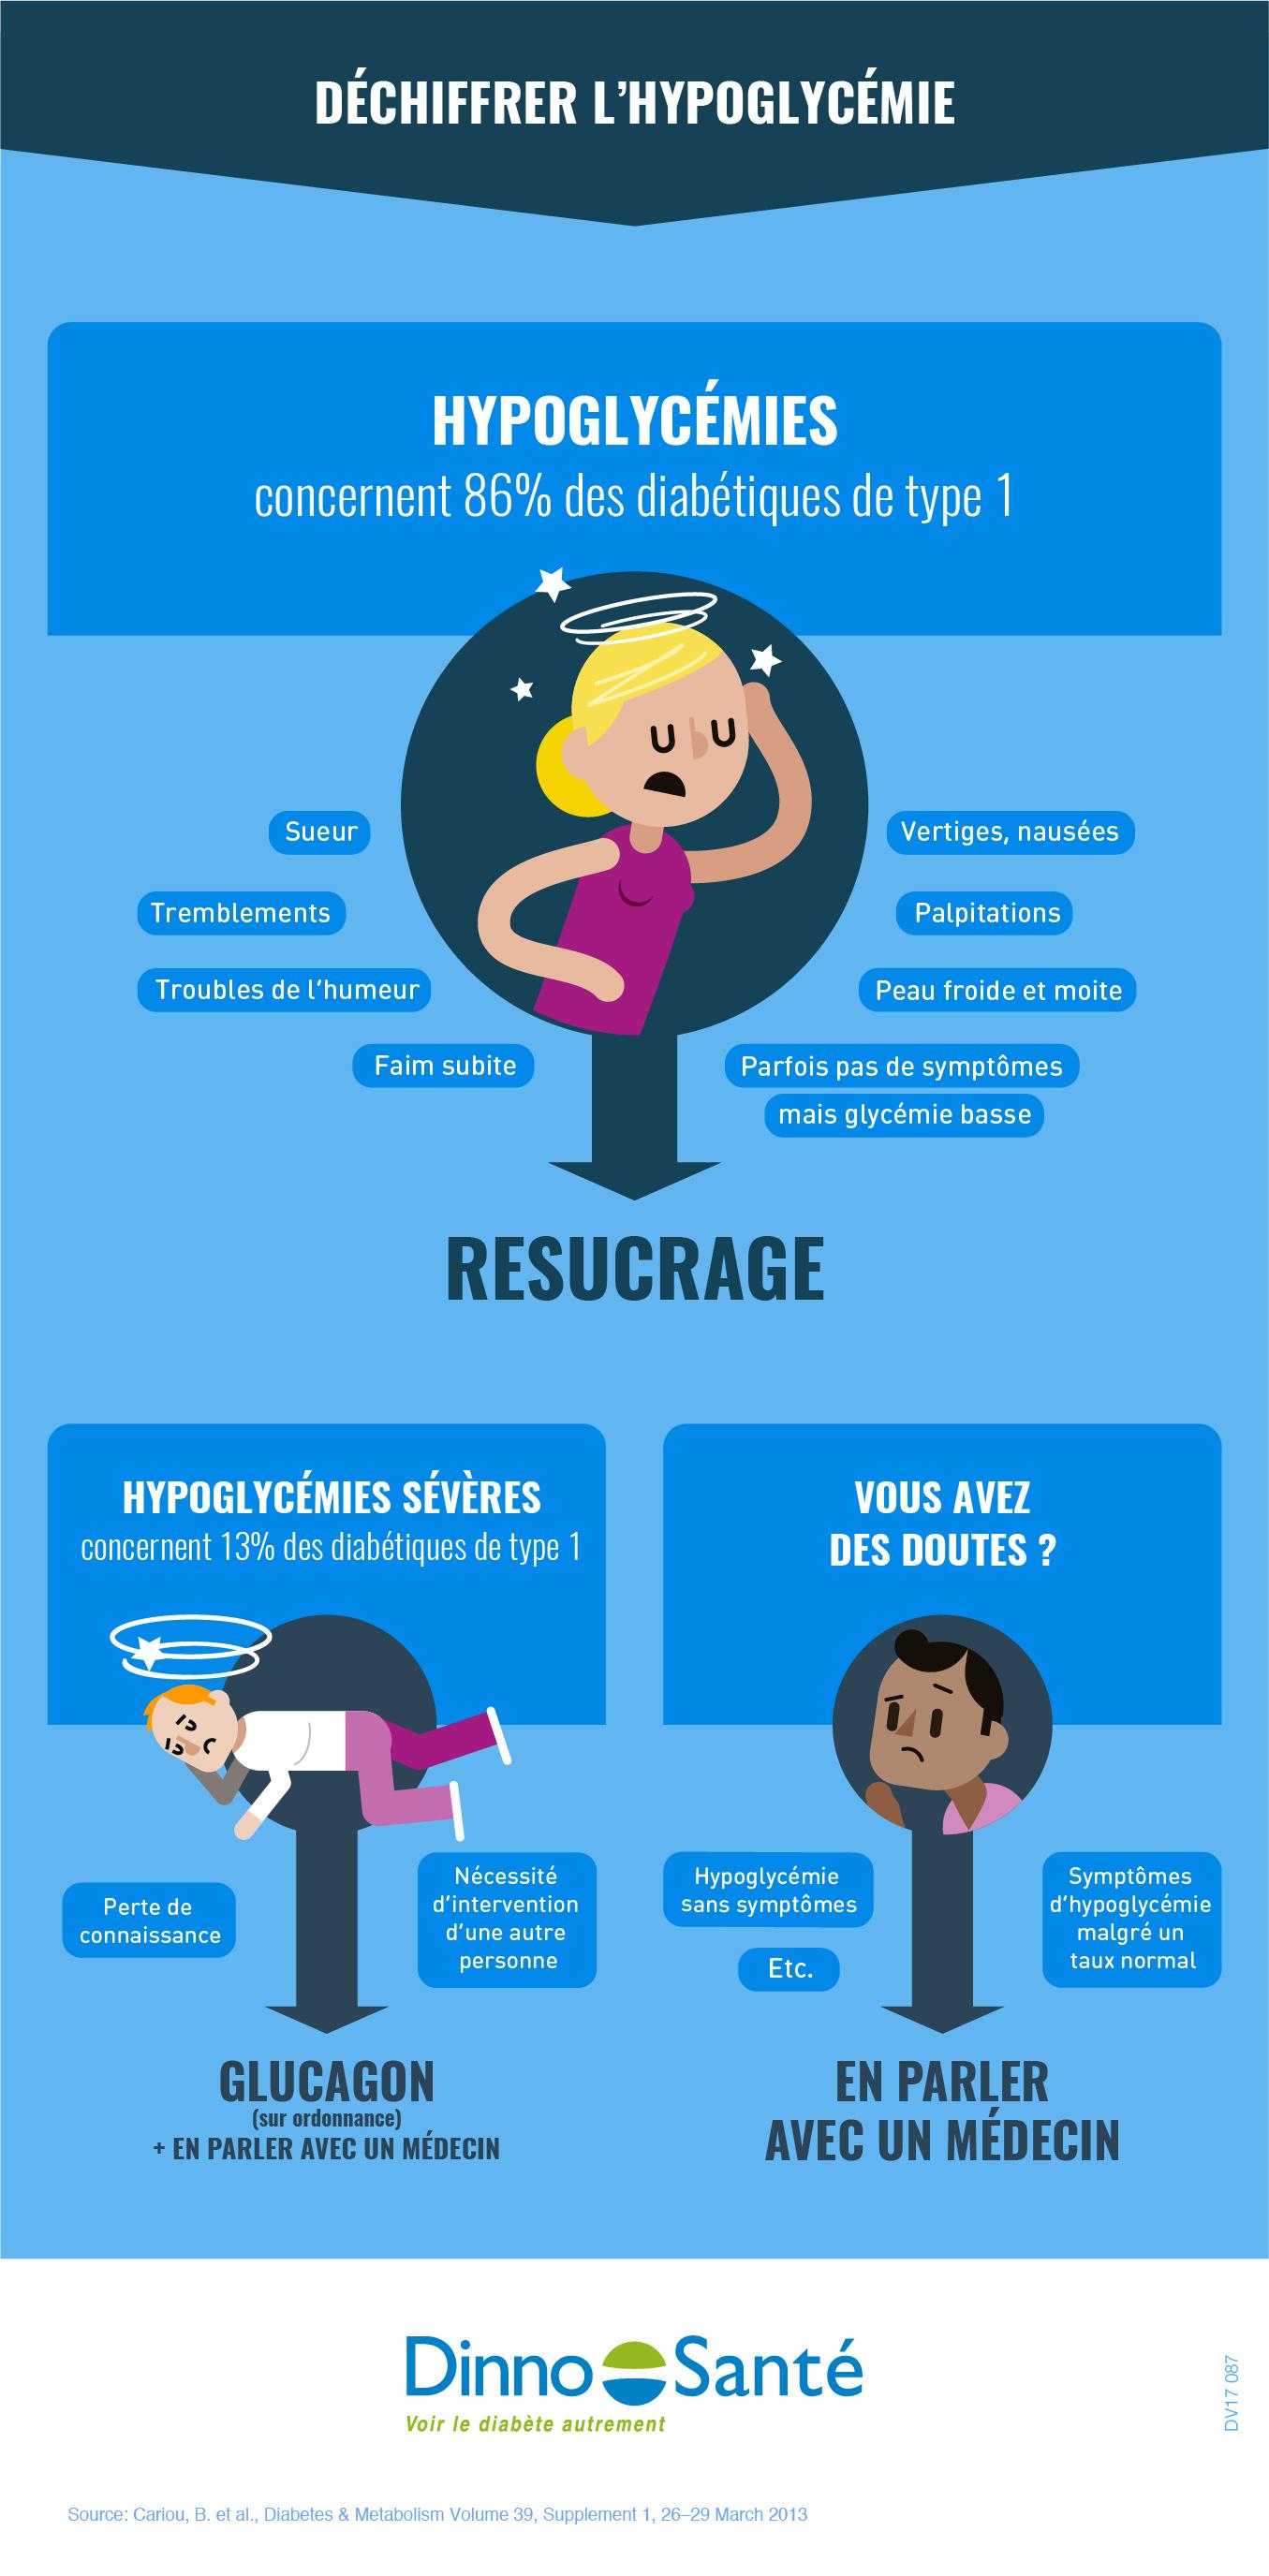 Infographie] Déchiffrer l'hypoglycémie